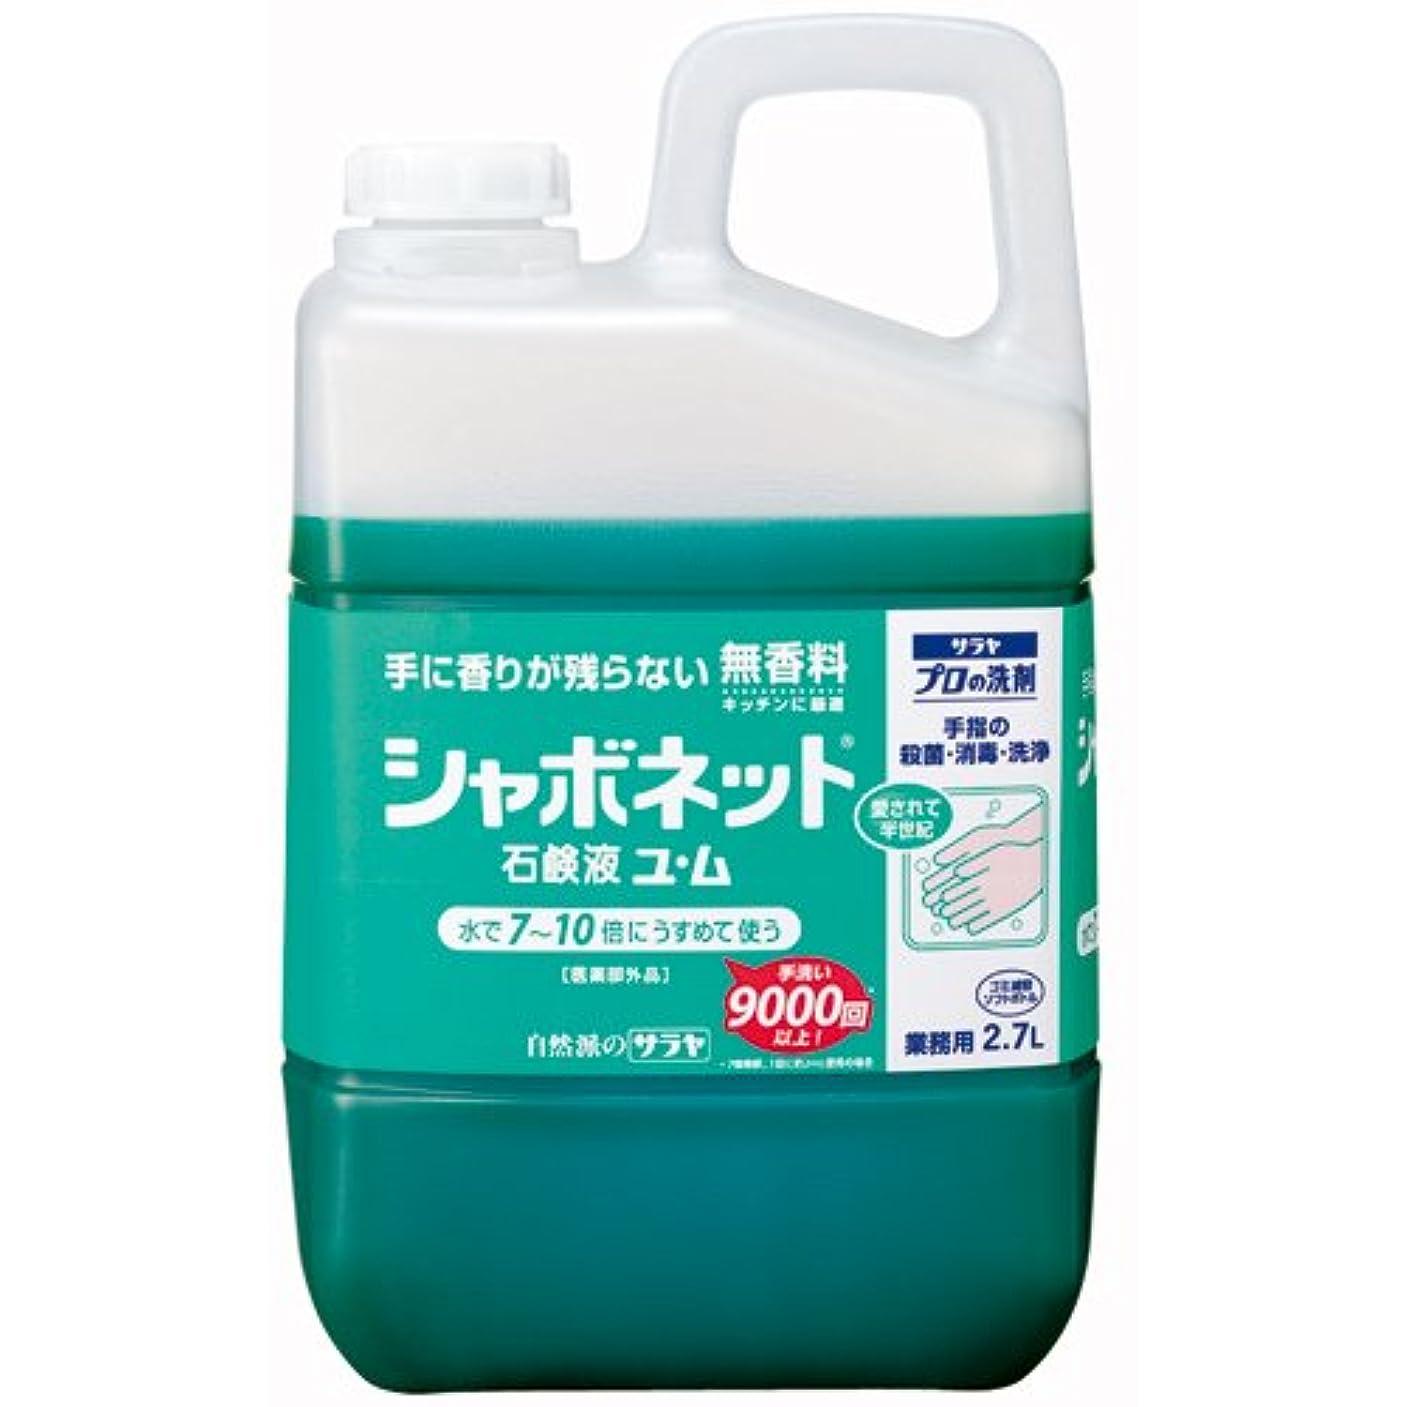 インフレーション広まった上に築きますサラヤ シャボネット石鹸液 ユ?ム 無香料 業務用 2.7L